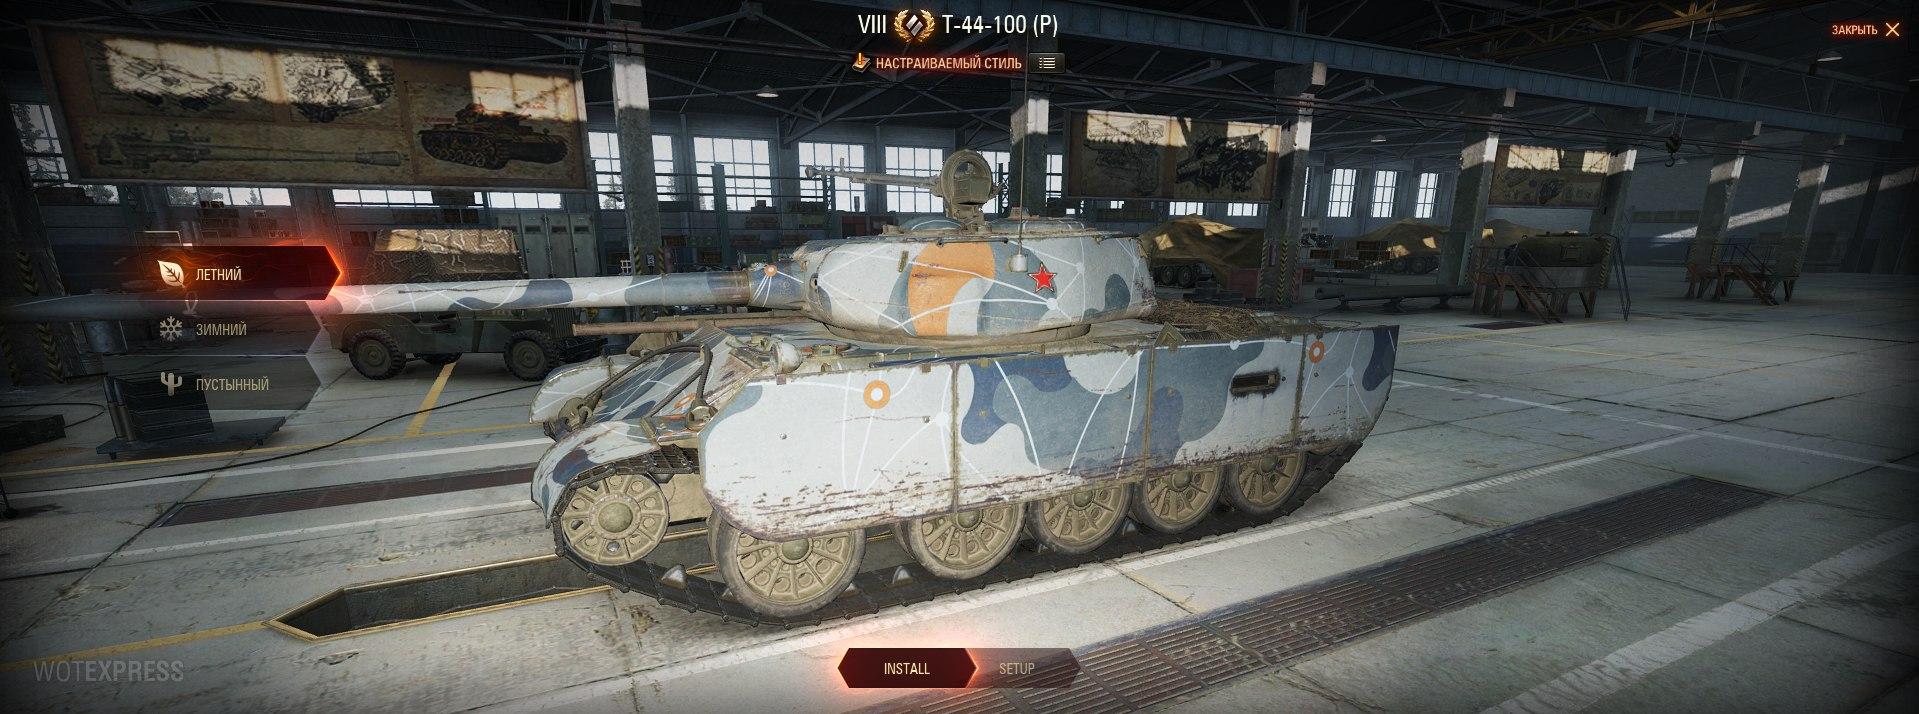 Jv-8e28MqqI